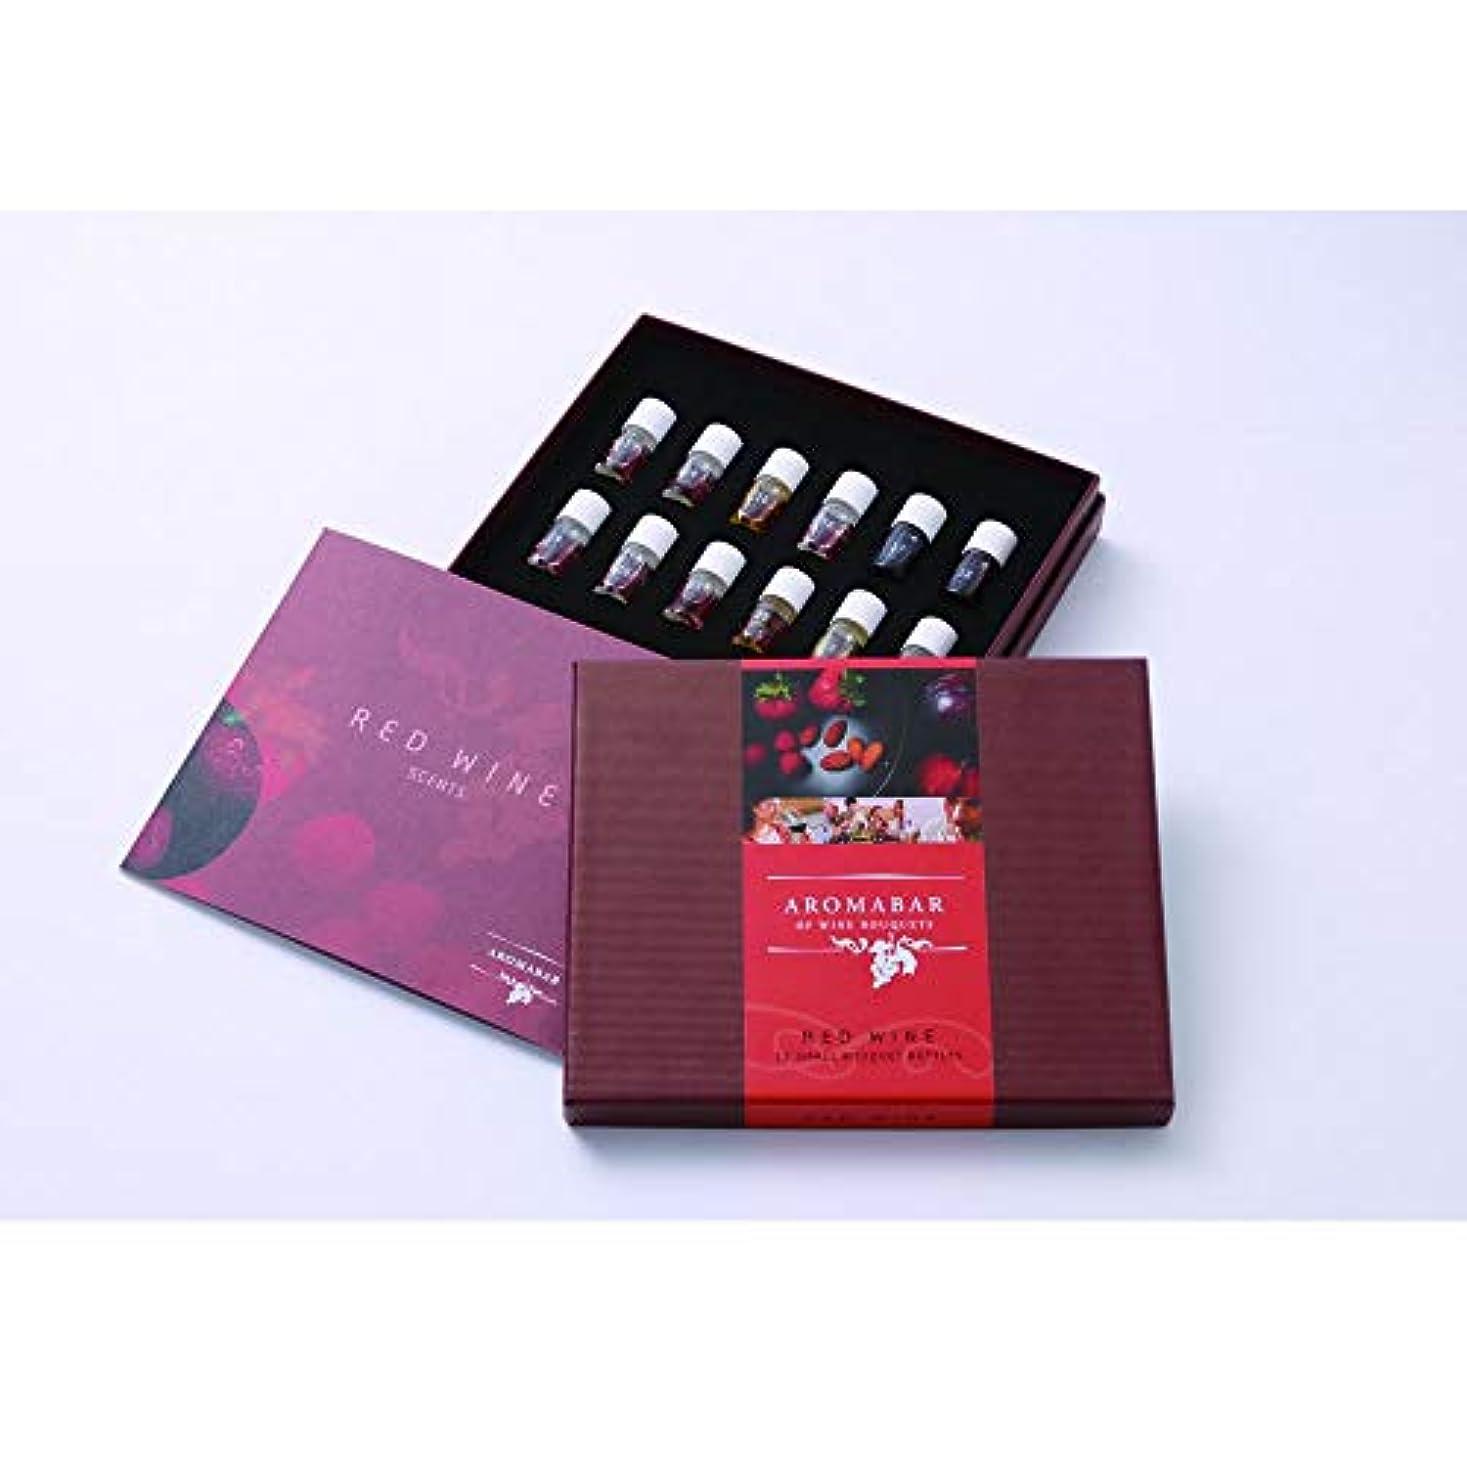 ライオン協力正規化送料無料 グローバル アロマバー12種入シリーズ レッドワイン ワイン テイスティング ソムリエ レッスン 香り